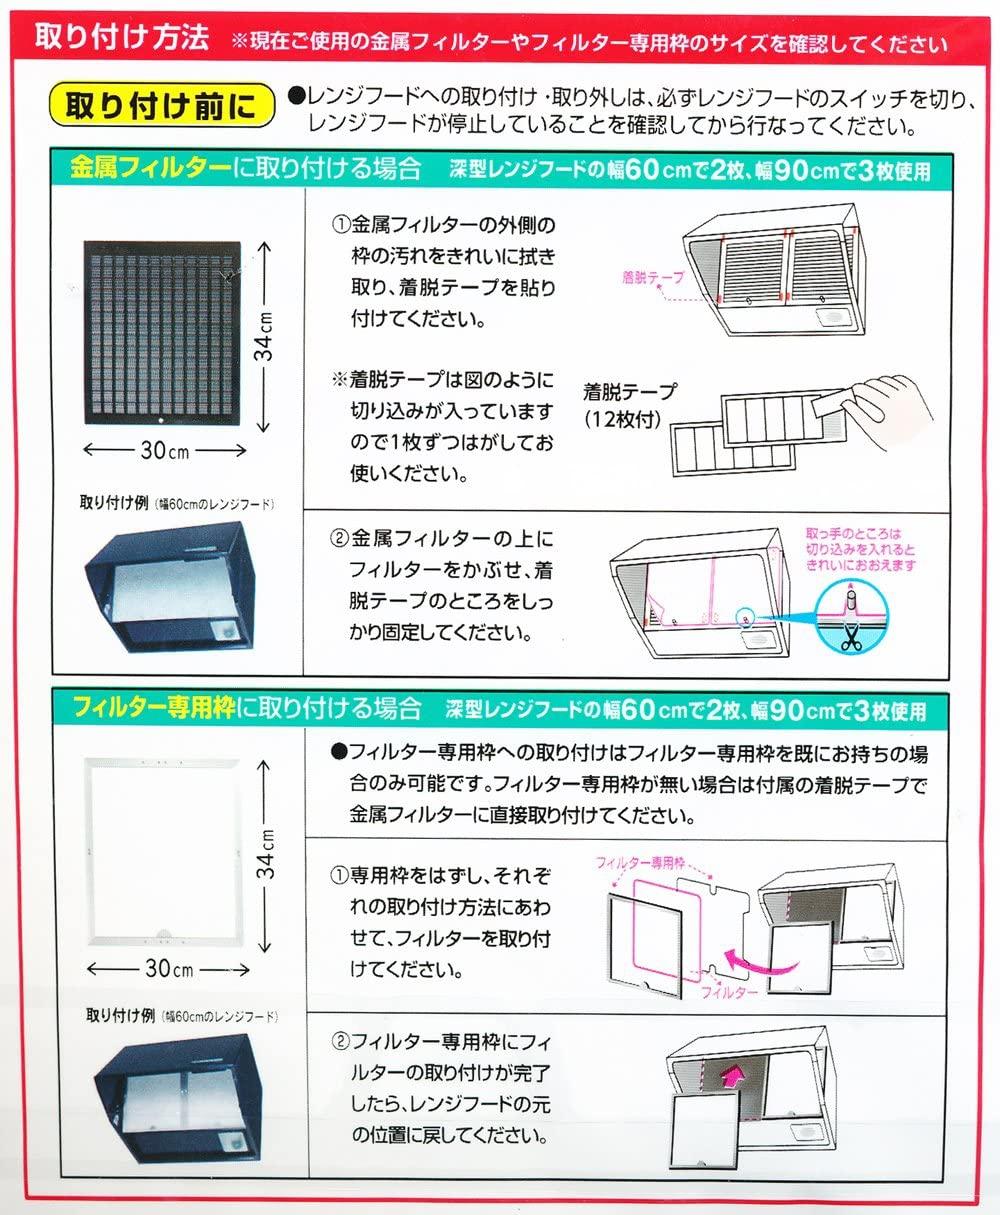 kireidea(キレイディア)レンジフードフィルター 超厚手 切れてるタイプ 6枚入の商品画像3